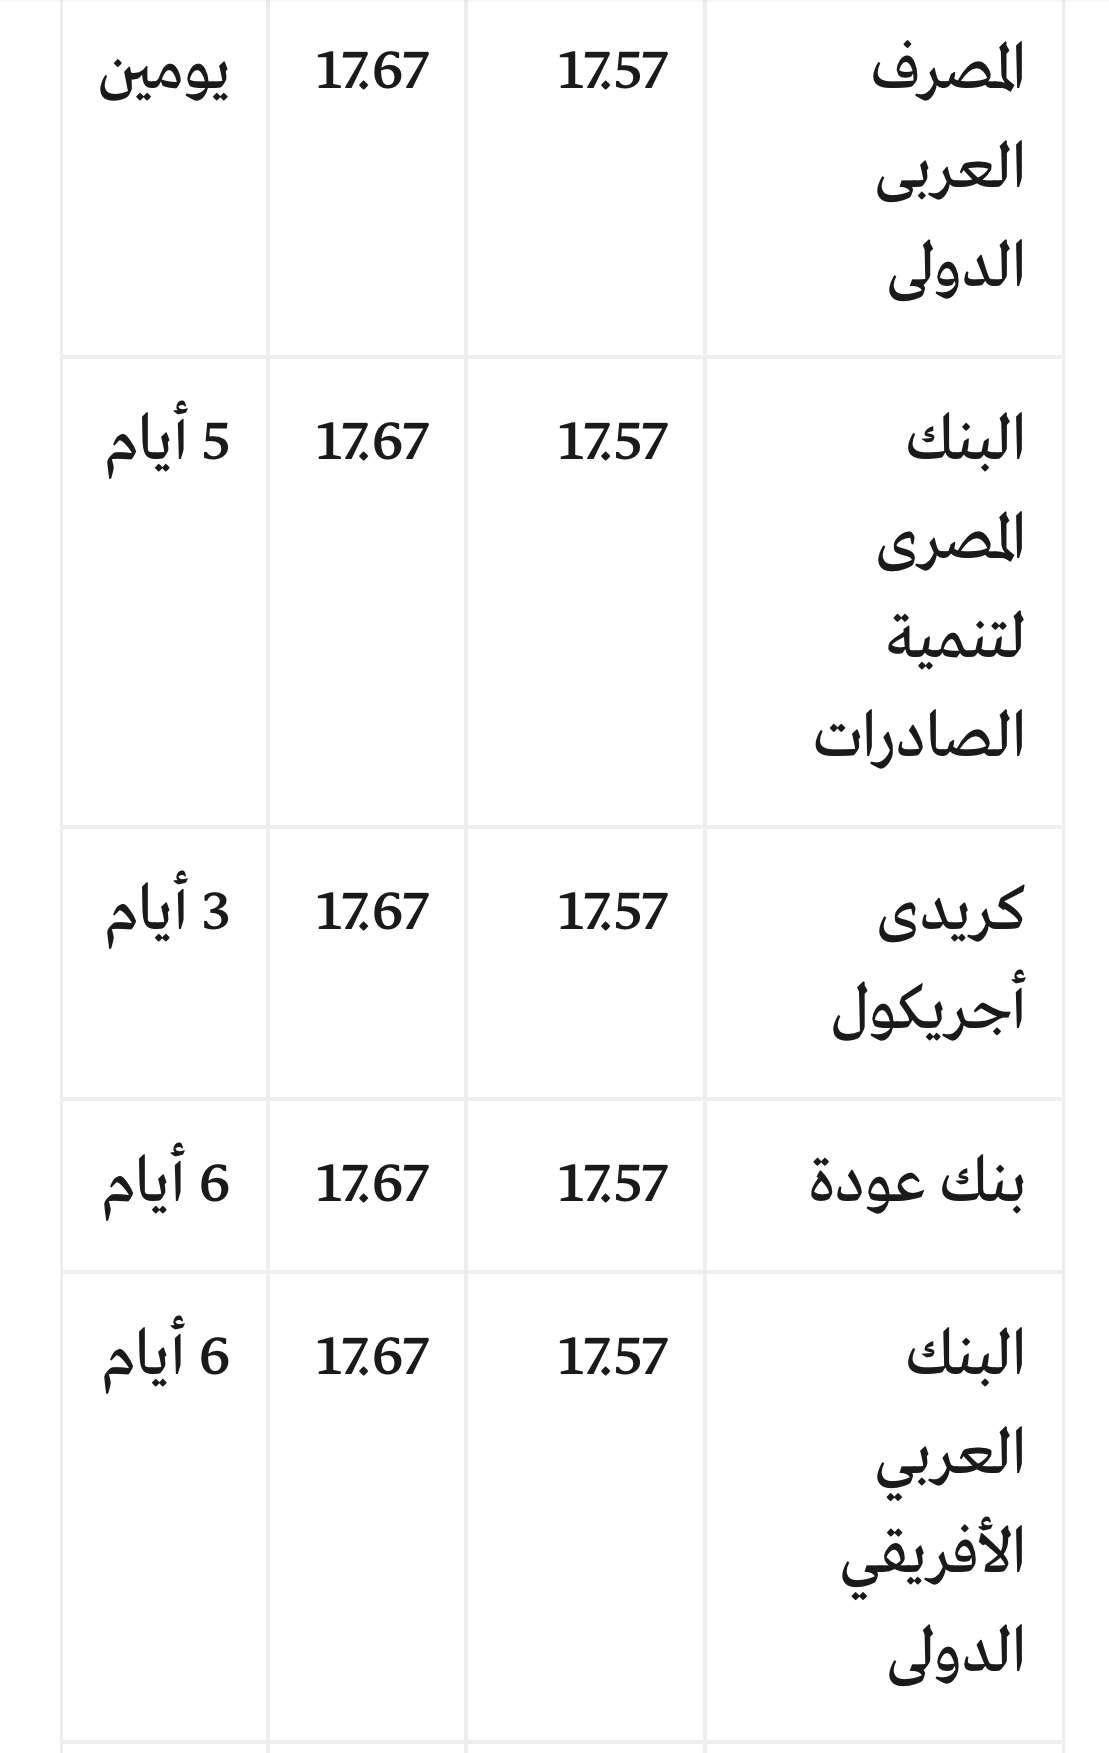 سعر الدولار اليوم جميع البنوك السبت 10/3/2018 مقابل الجنيه في السوق السوداء وبنك الأهلي